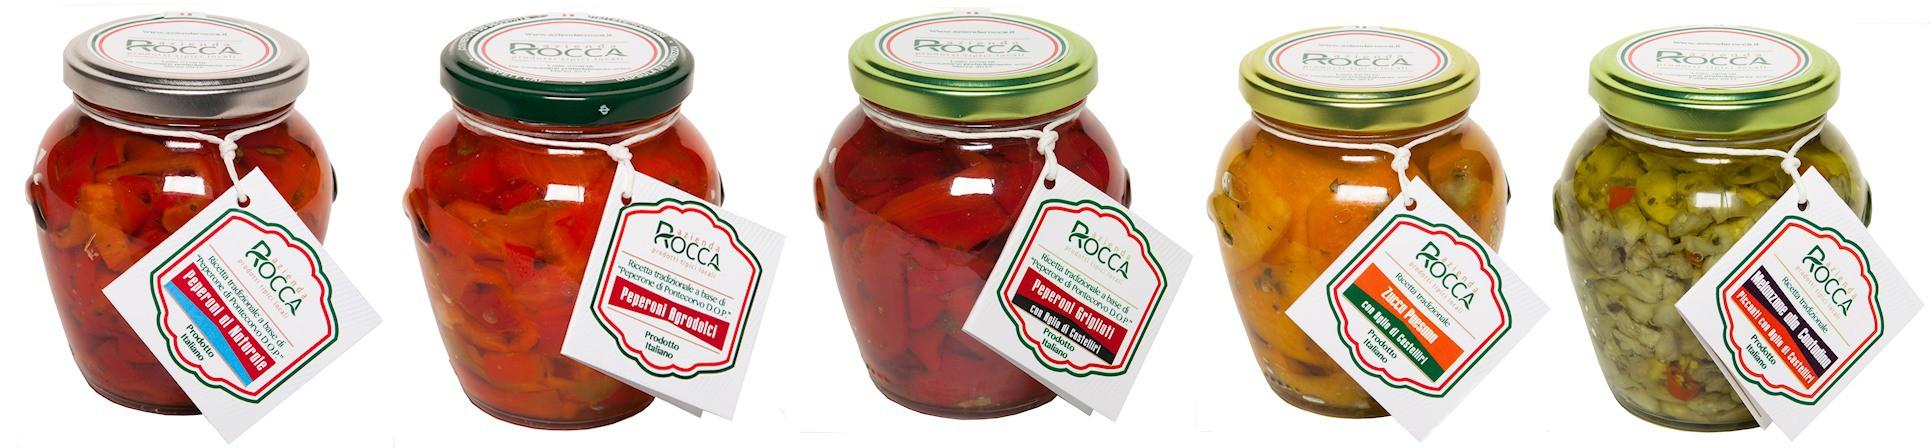 B2B GUSTOX - il Marketplace all'ingrosso delle eccellenze agroalimetari italiane - Azienda ROCCA